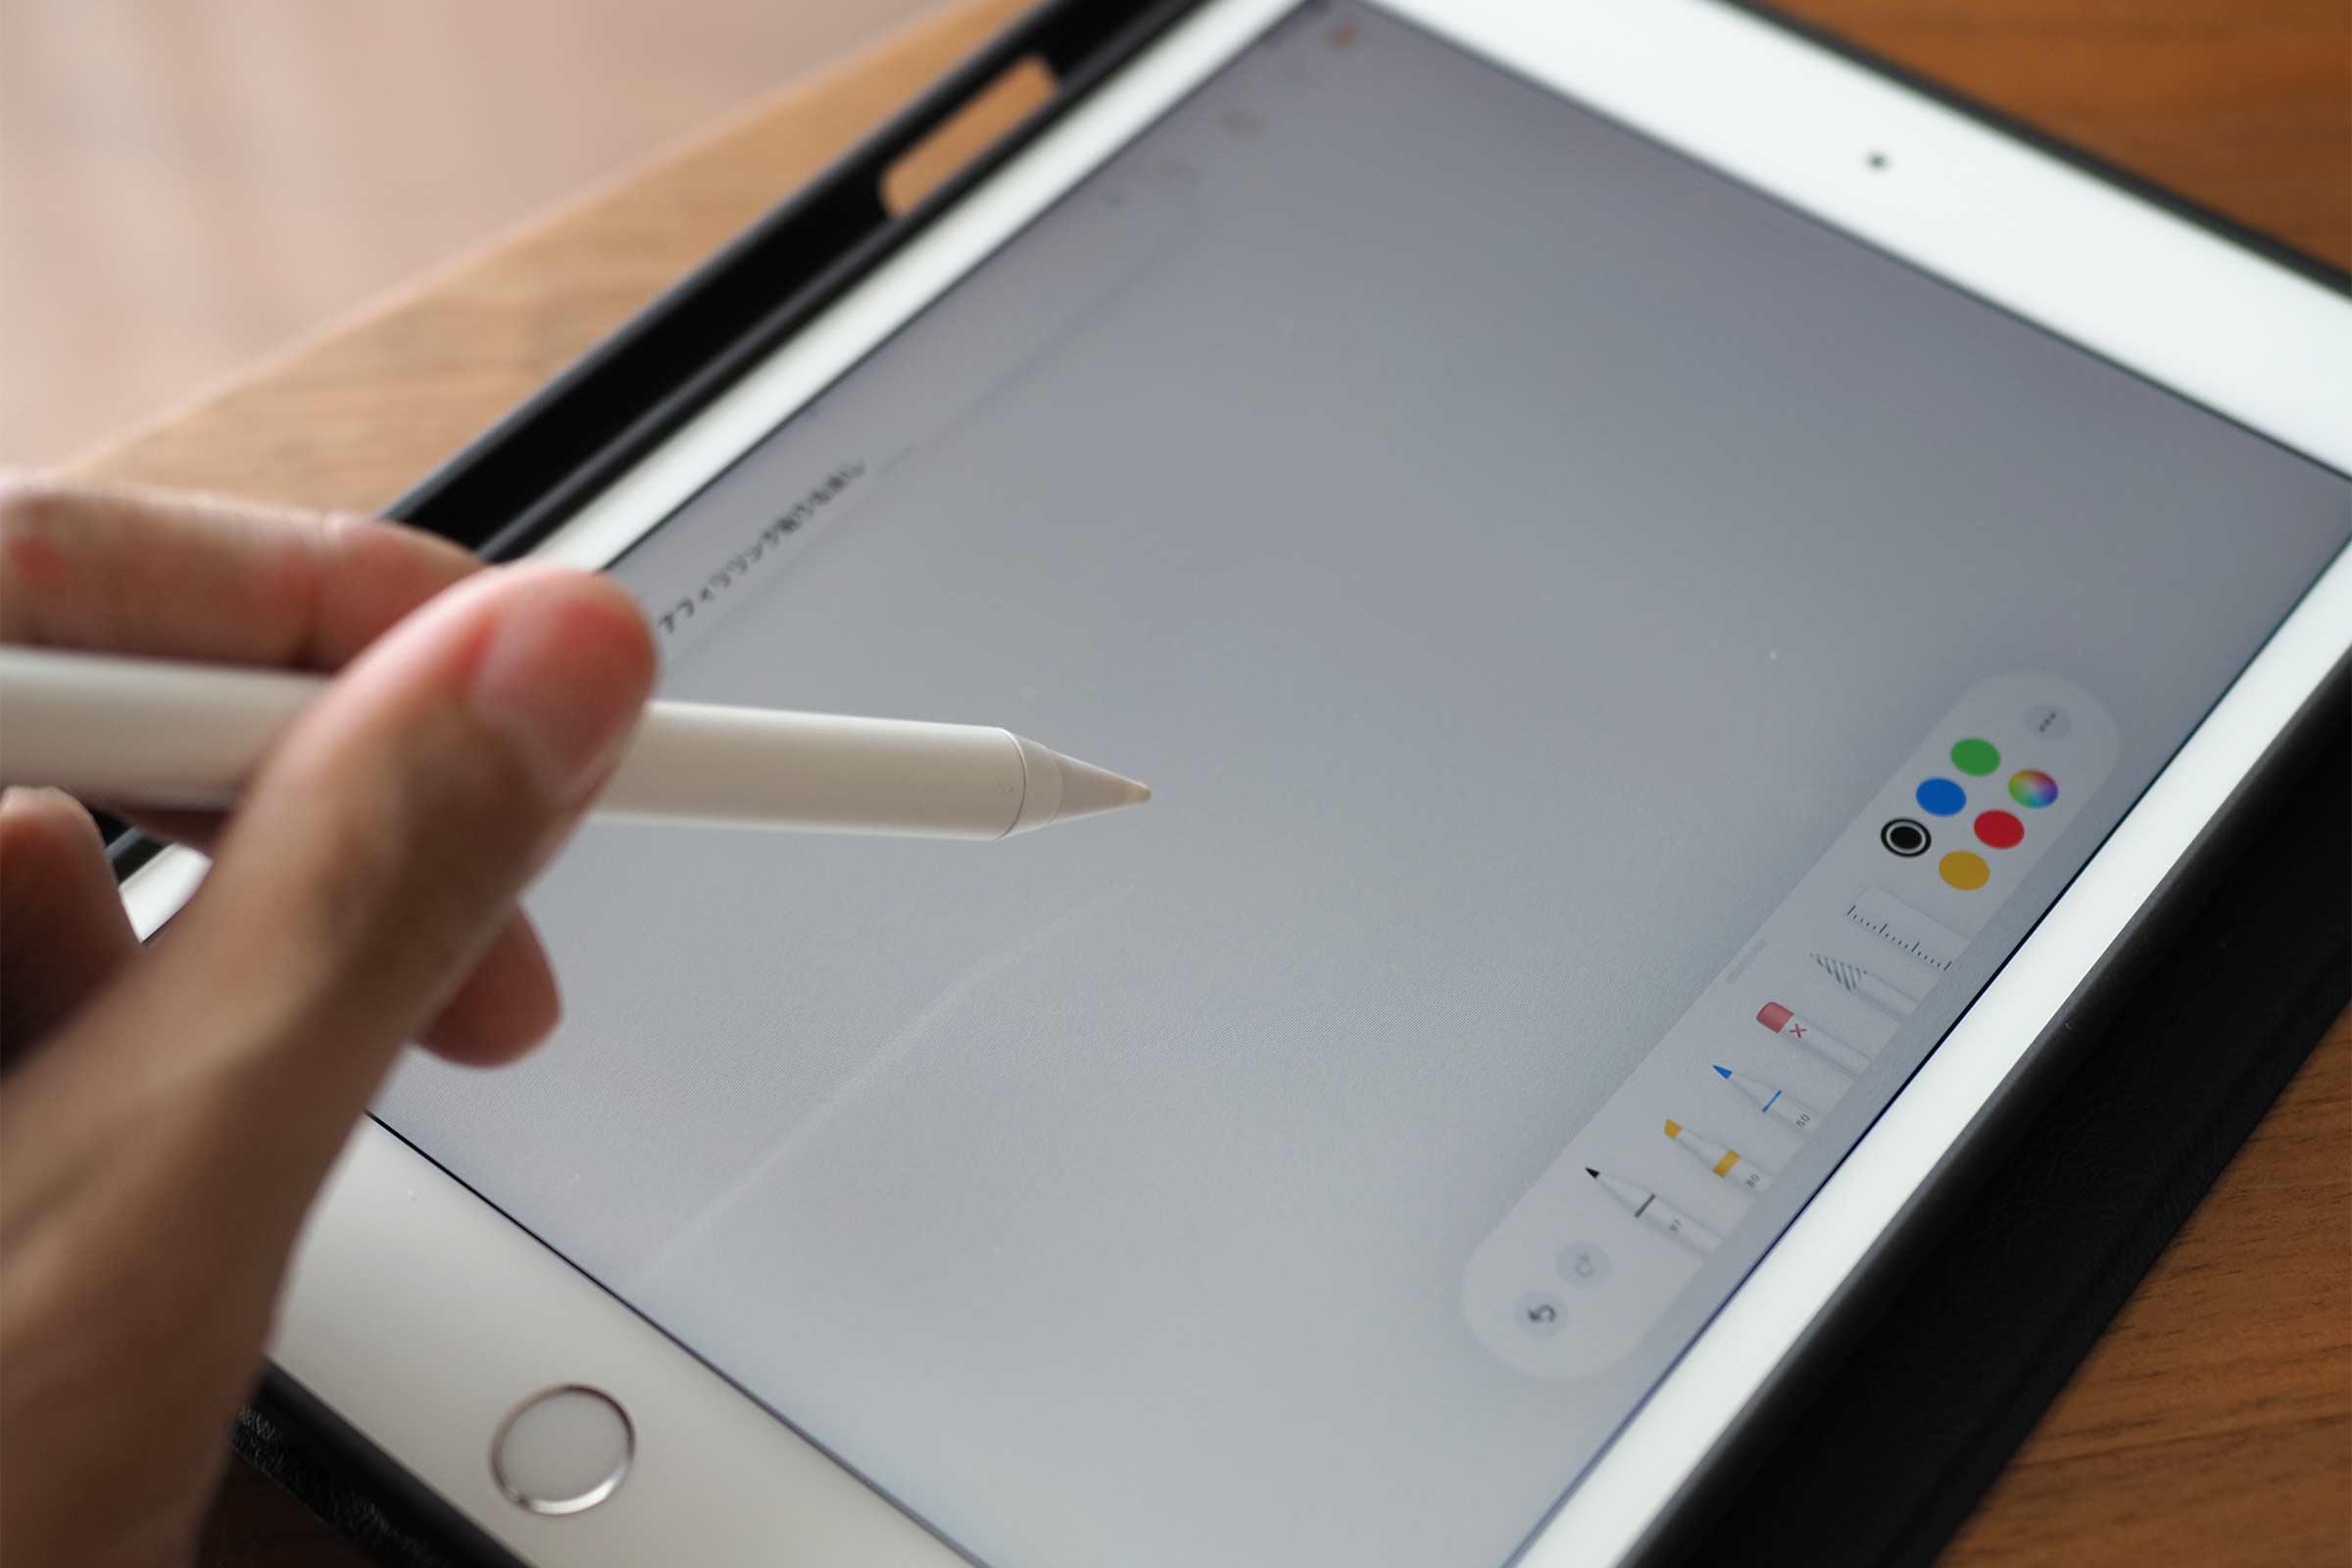 スタイラスペン,iPad,mpio,Apple Pencil,タッチペン,第三世代,遅延